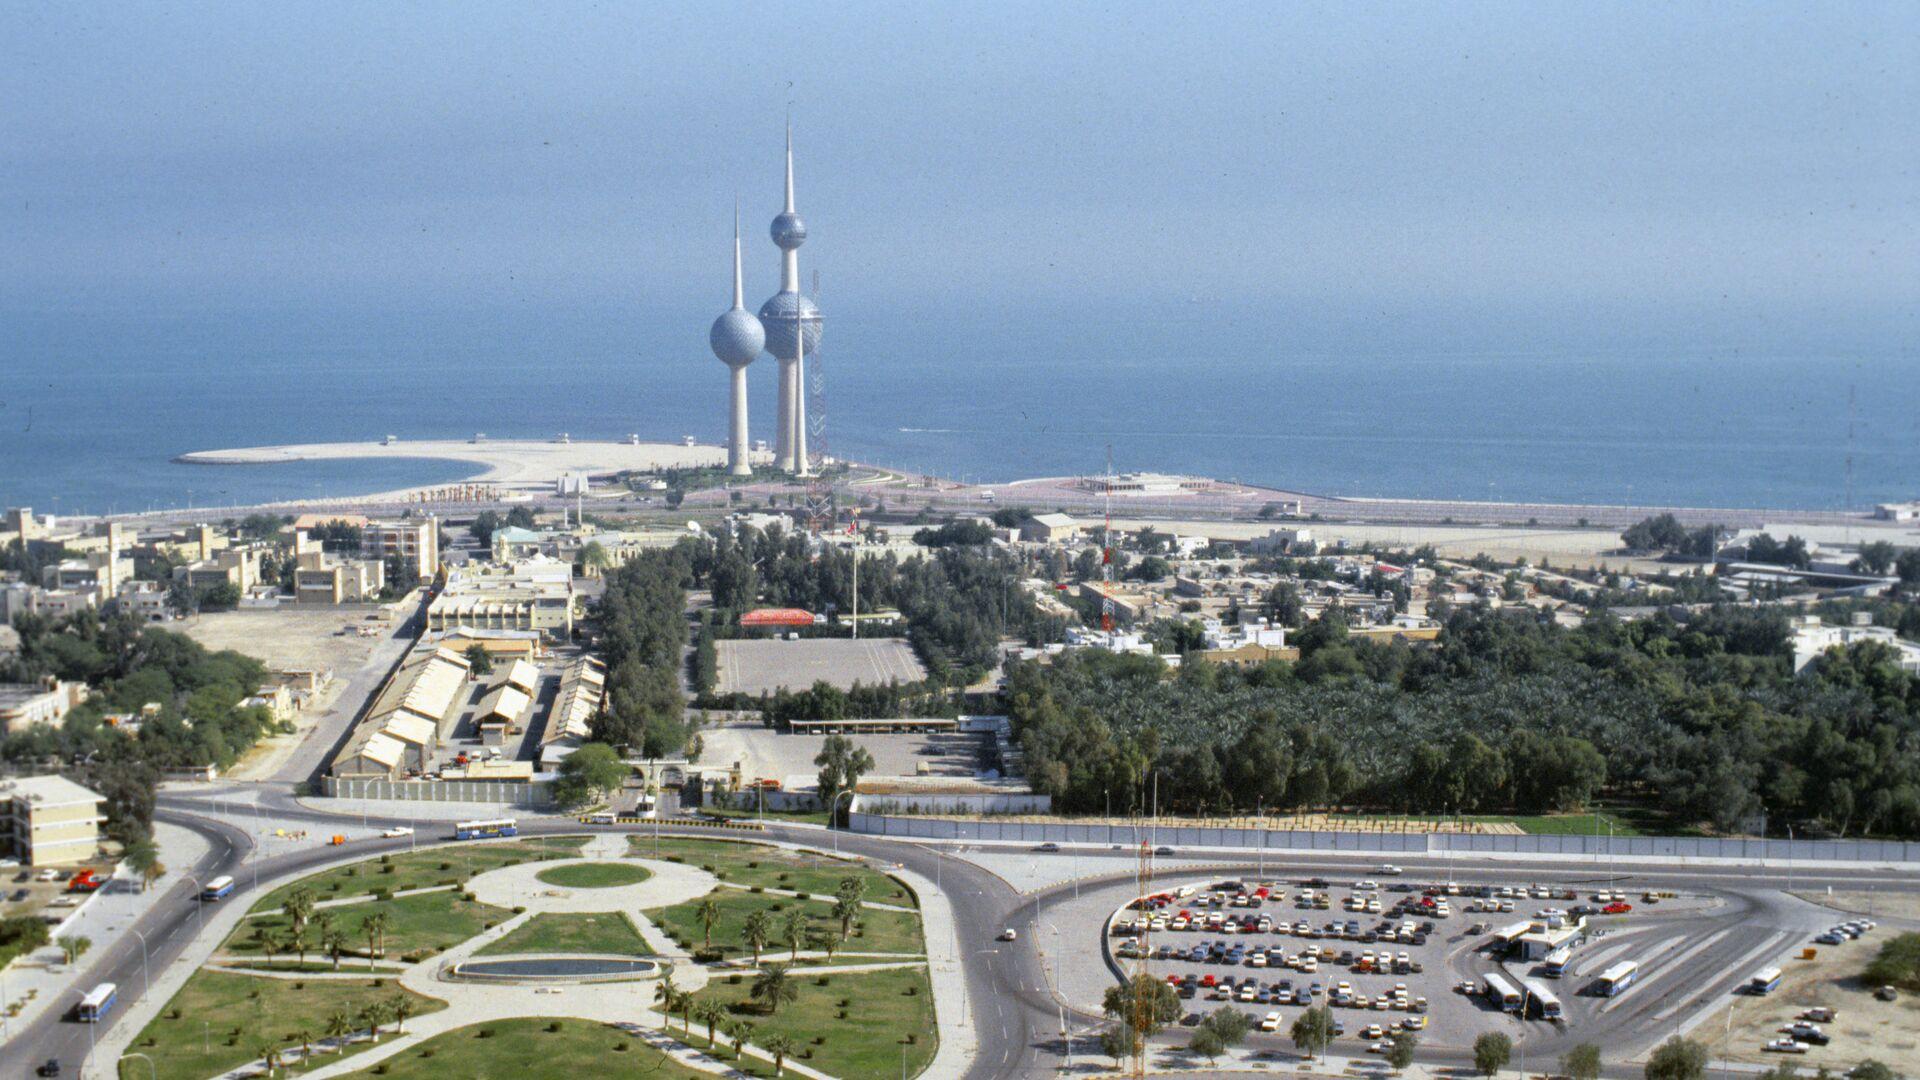 Вид на город Эль-Кувейт сверху - РИА Новости, 1920, 05.08.2021